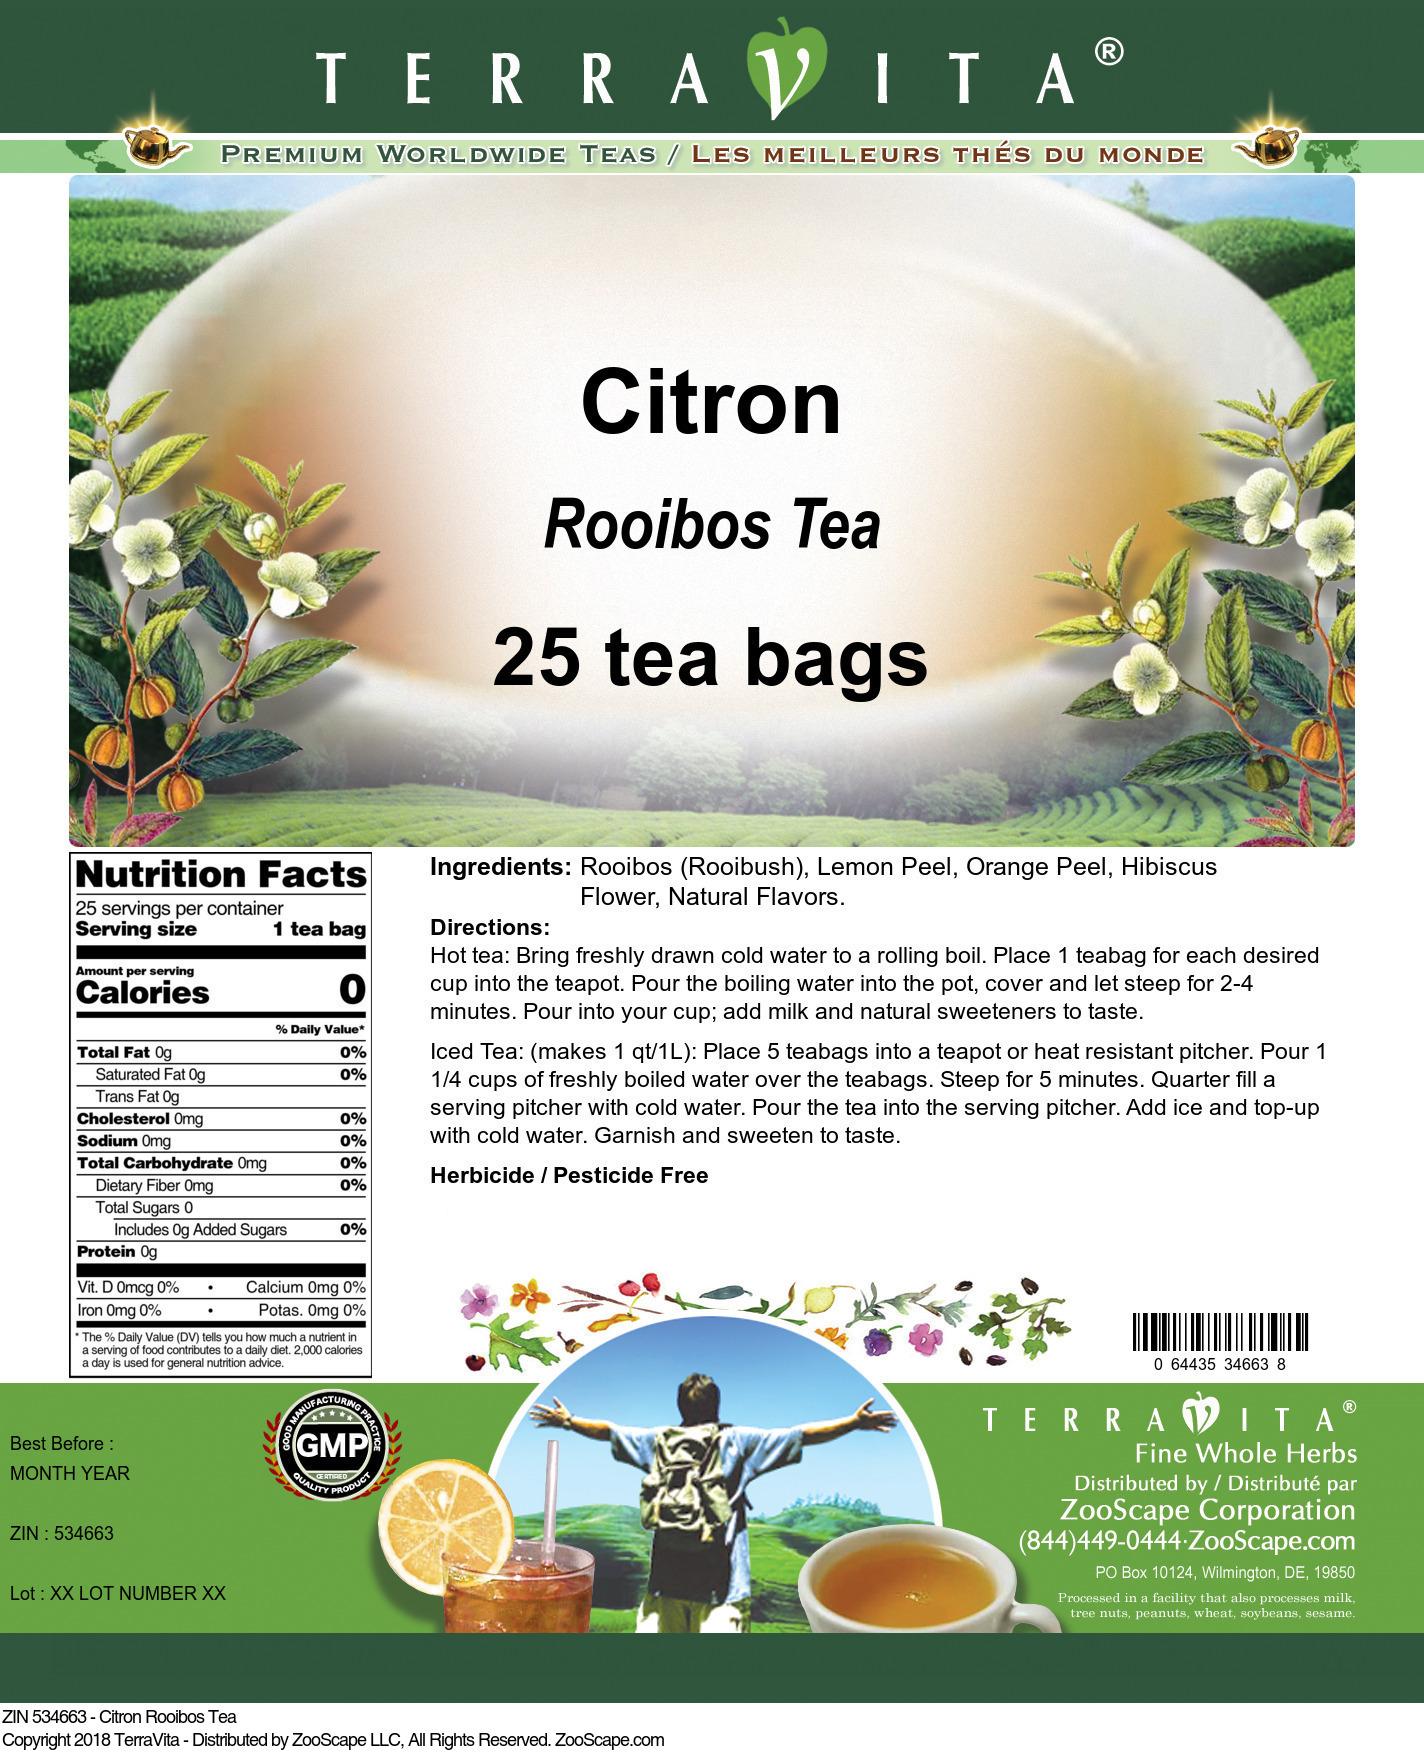 Citron Rooibos Tea